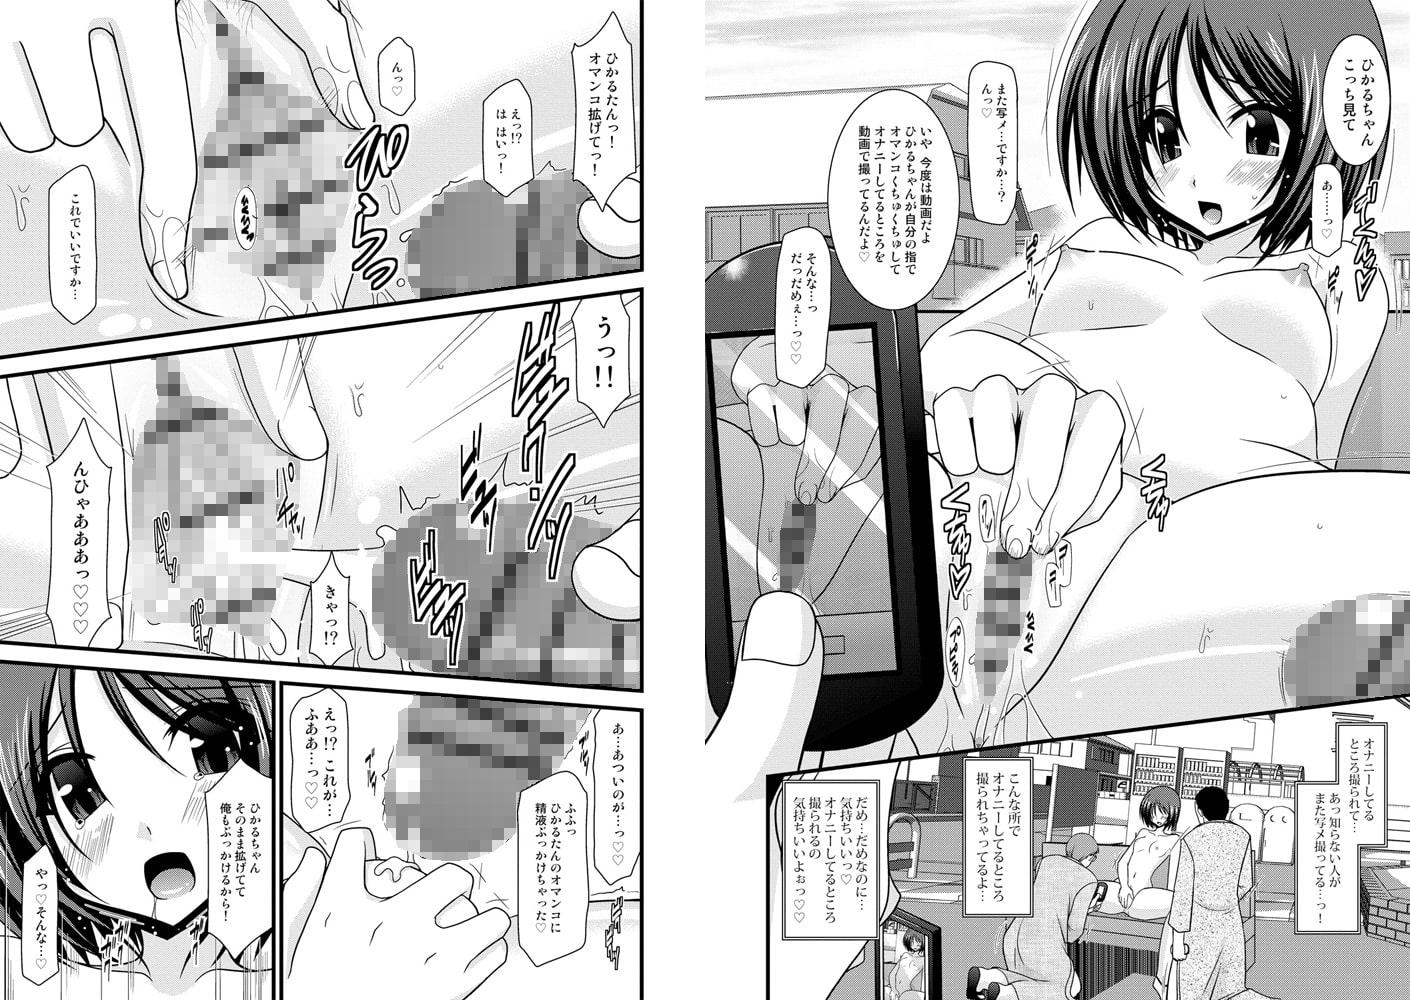 露出少女遊戯 三島ひかるの性癖【上巻】のサンプル画像2